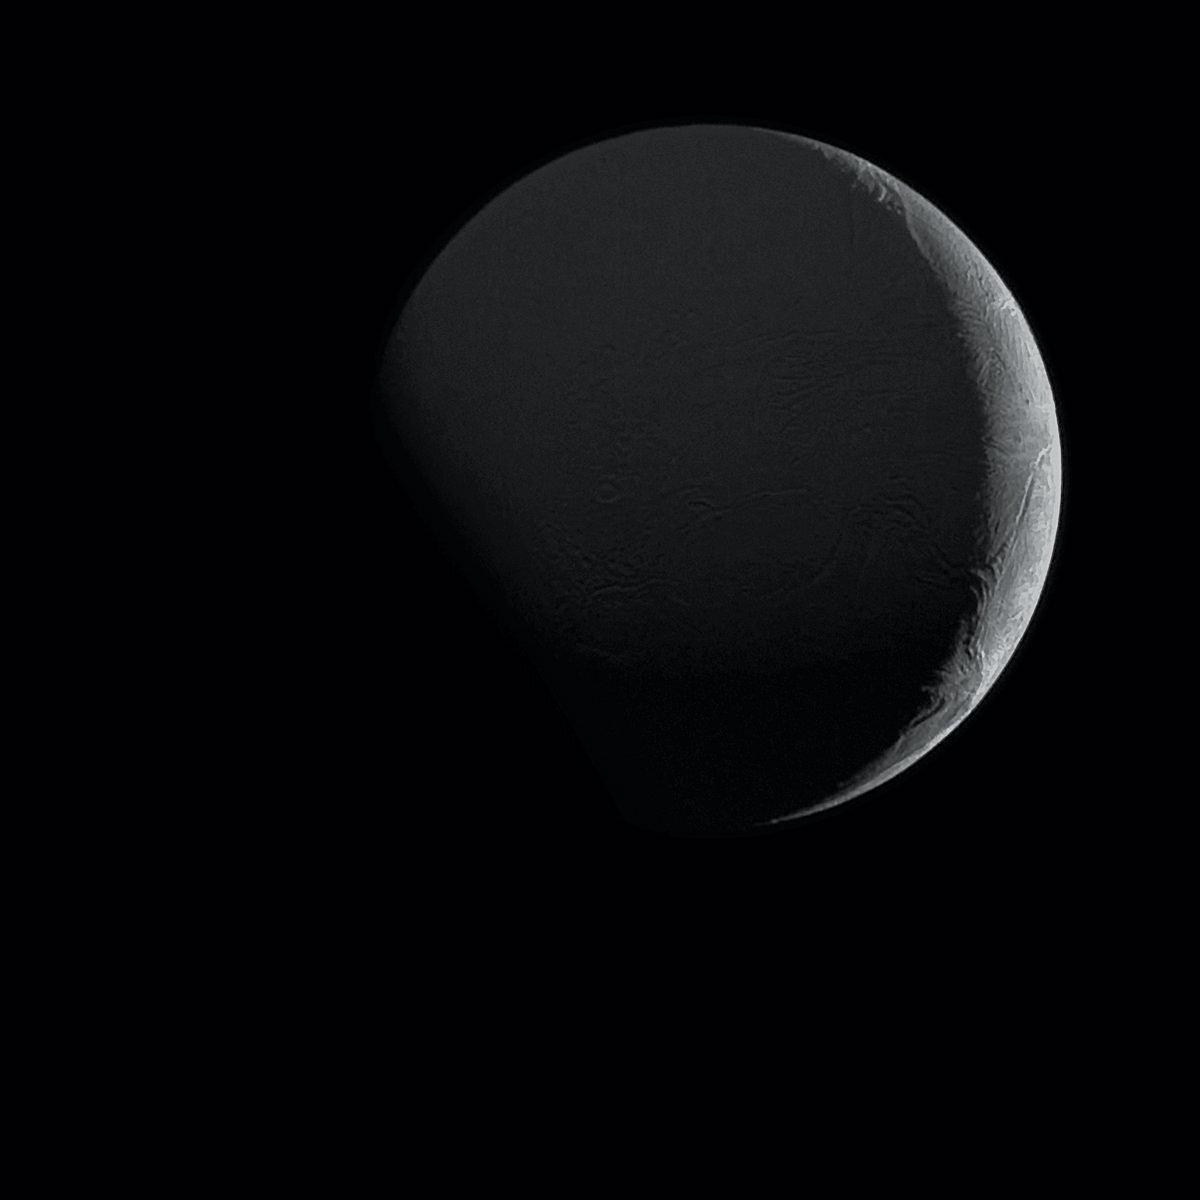 valium aggelein black moon